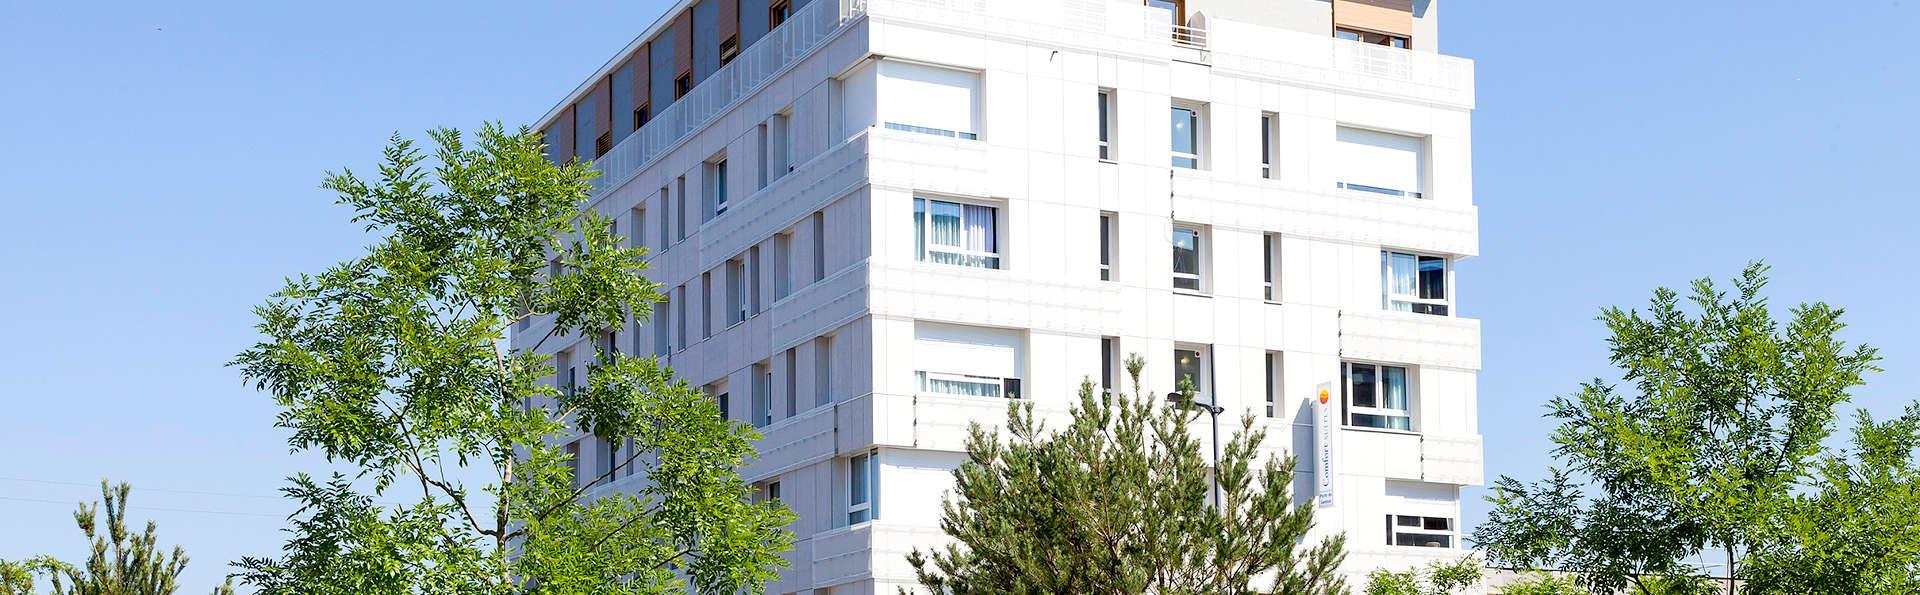 Comfort Suites Porte de Genève - Edit_Front.jpg